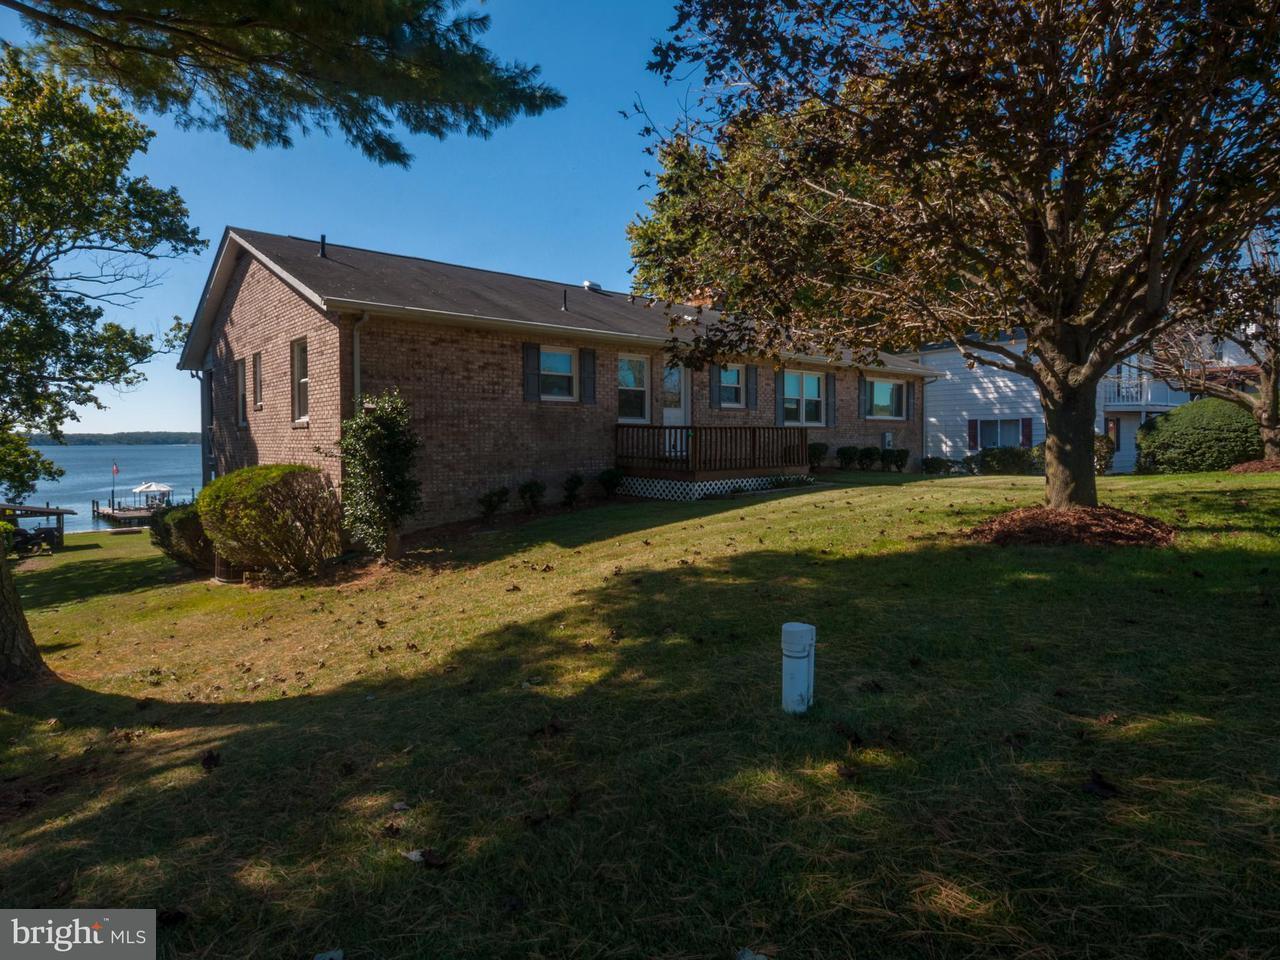 Частный односемейный дом для того Продажа на 7761 PATUXENT Drive 7761 PATUXENT Drive St. Leonard, Мэриленд 20685 Соединенные Штаты